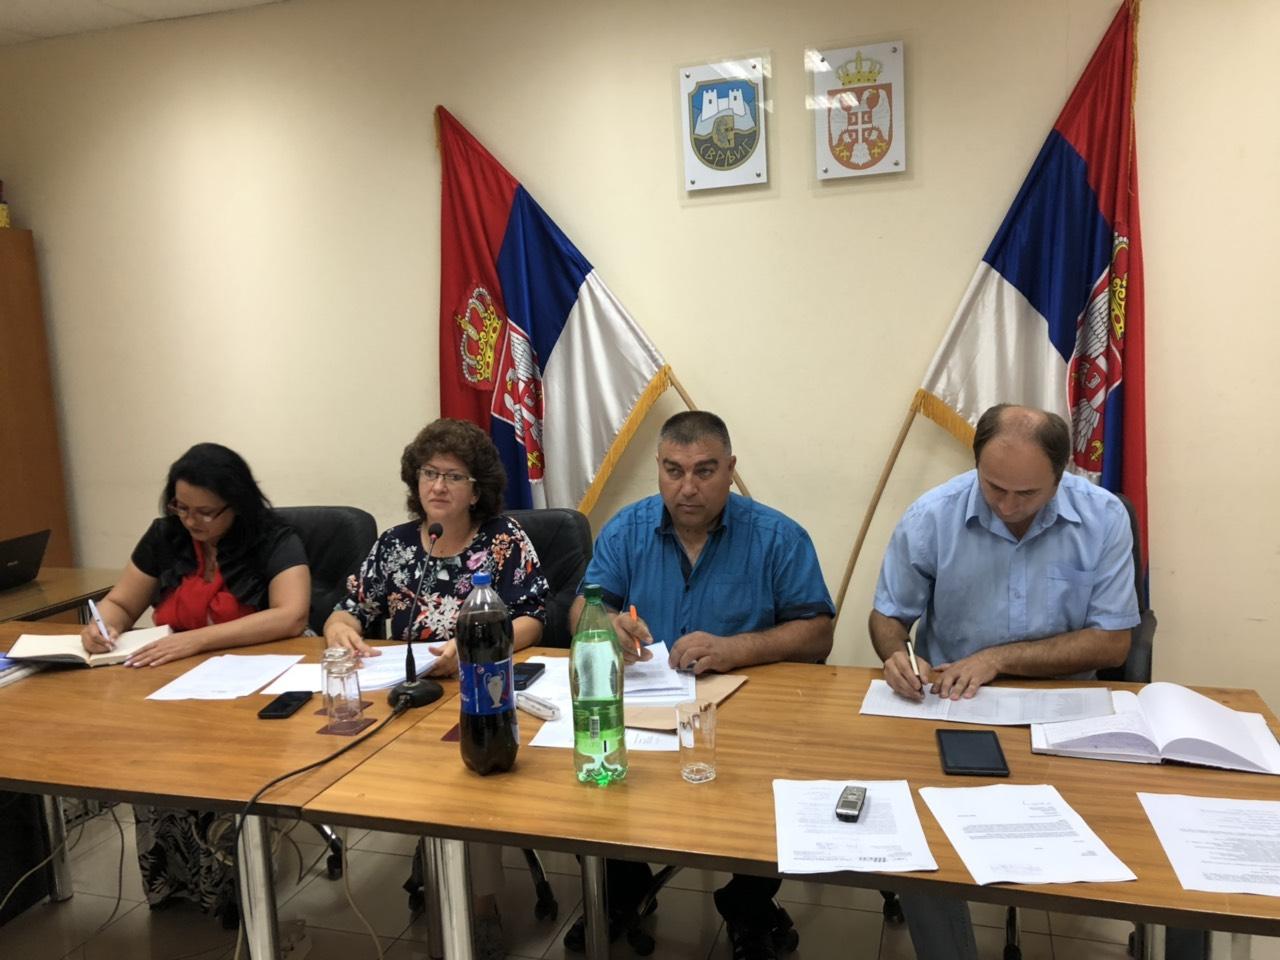 Sednica Skupštine opštine Svrljig, foto: M.M.